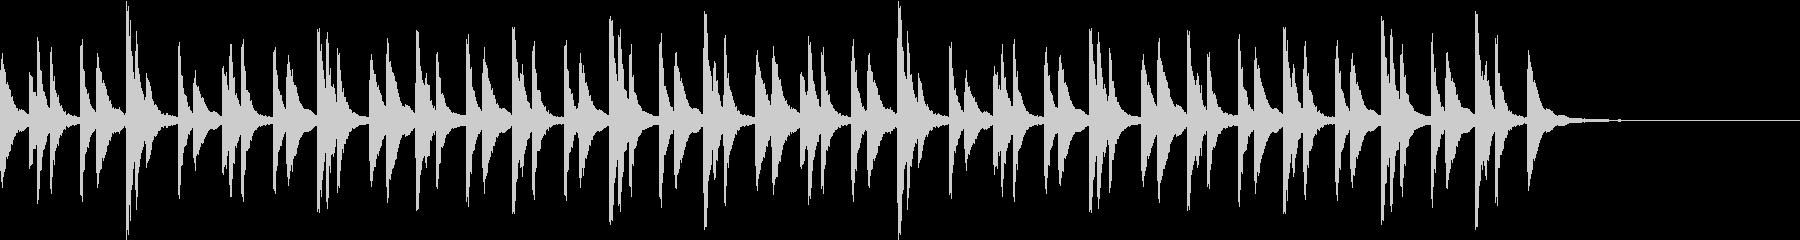 お囃子祭りの軽快な当り鉦のフレーズ音FXの未再生の波形